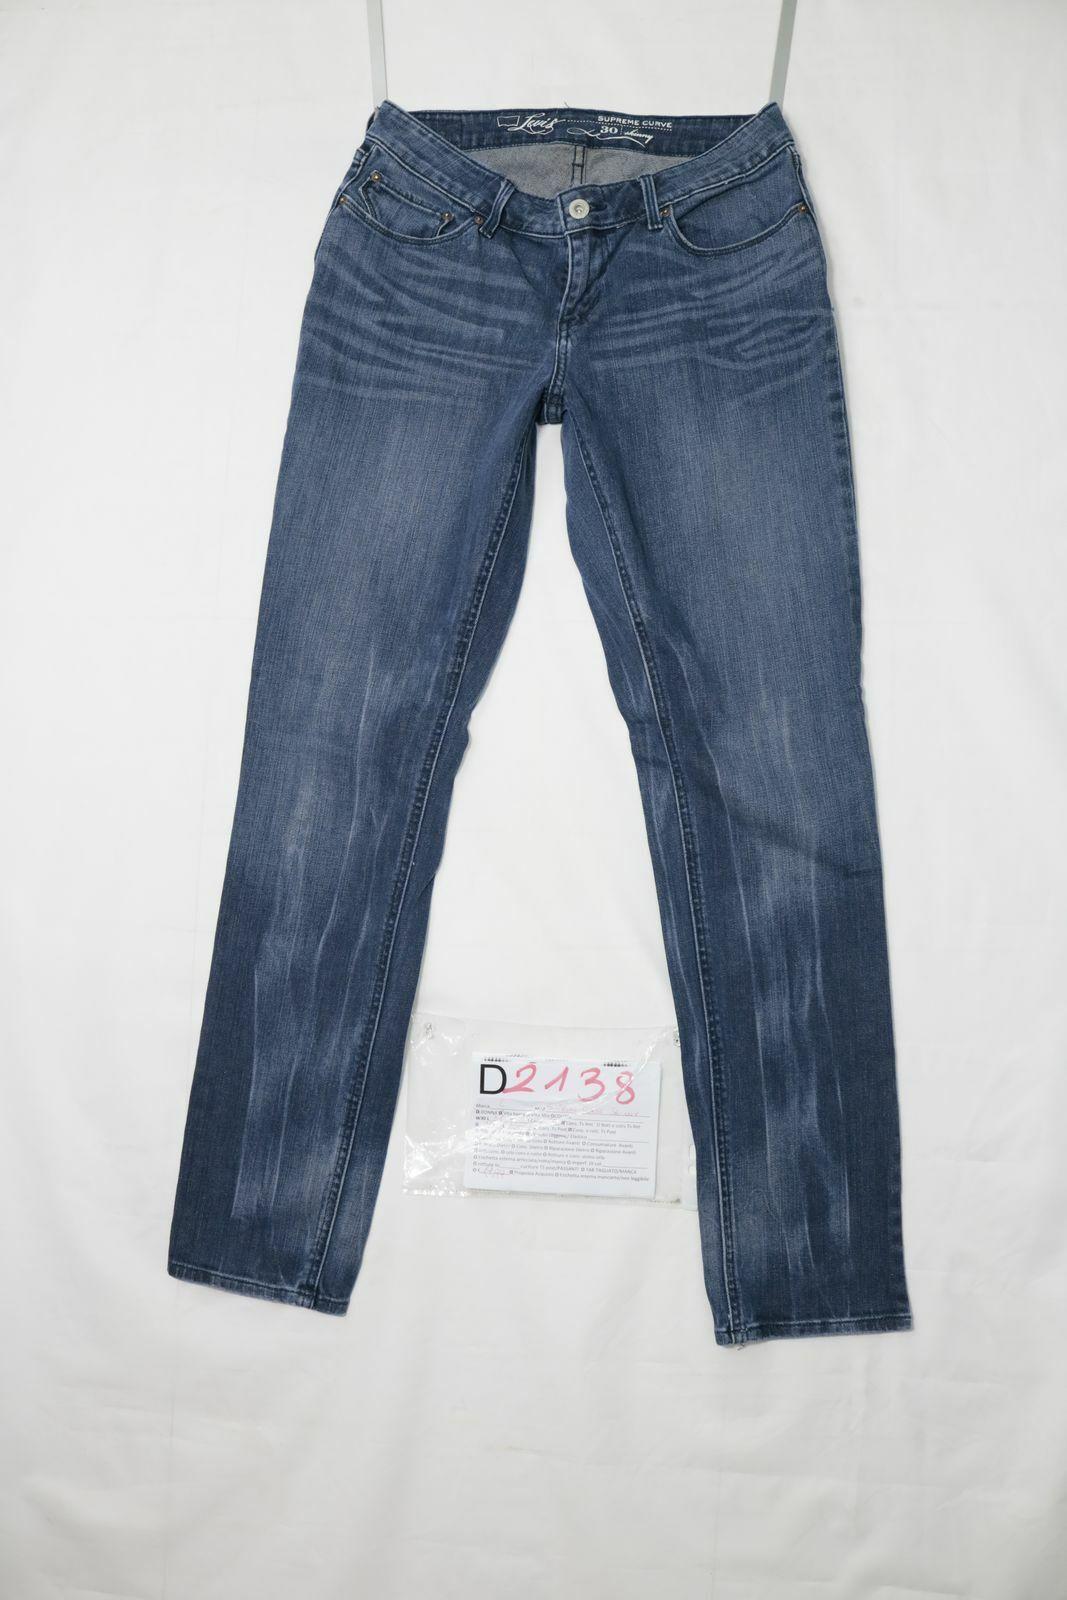 Levi's supreme curve skinny utilisé (cod.d2138) w30 l32 jeans femme taille basse